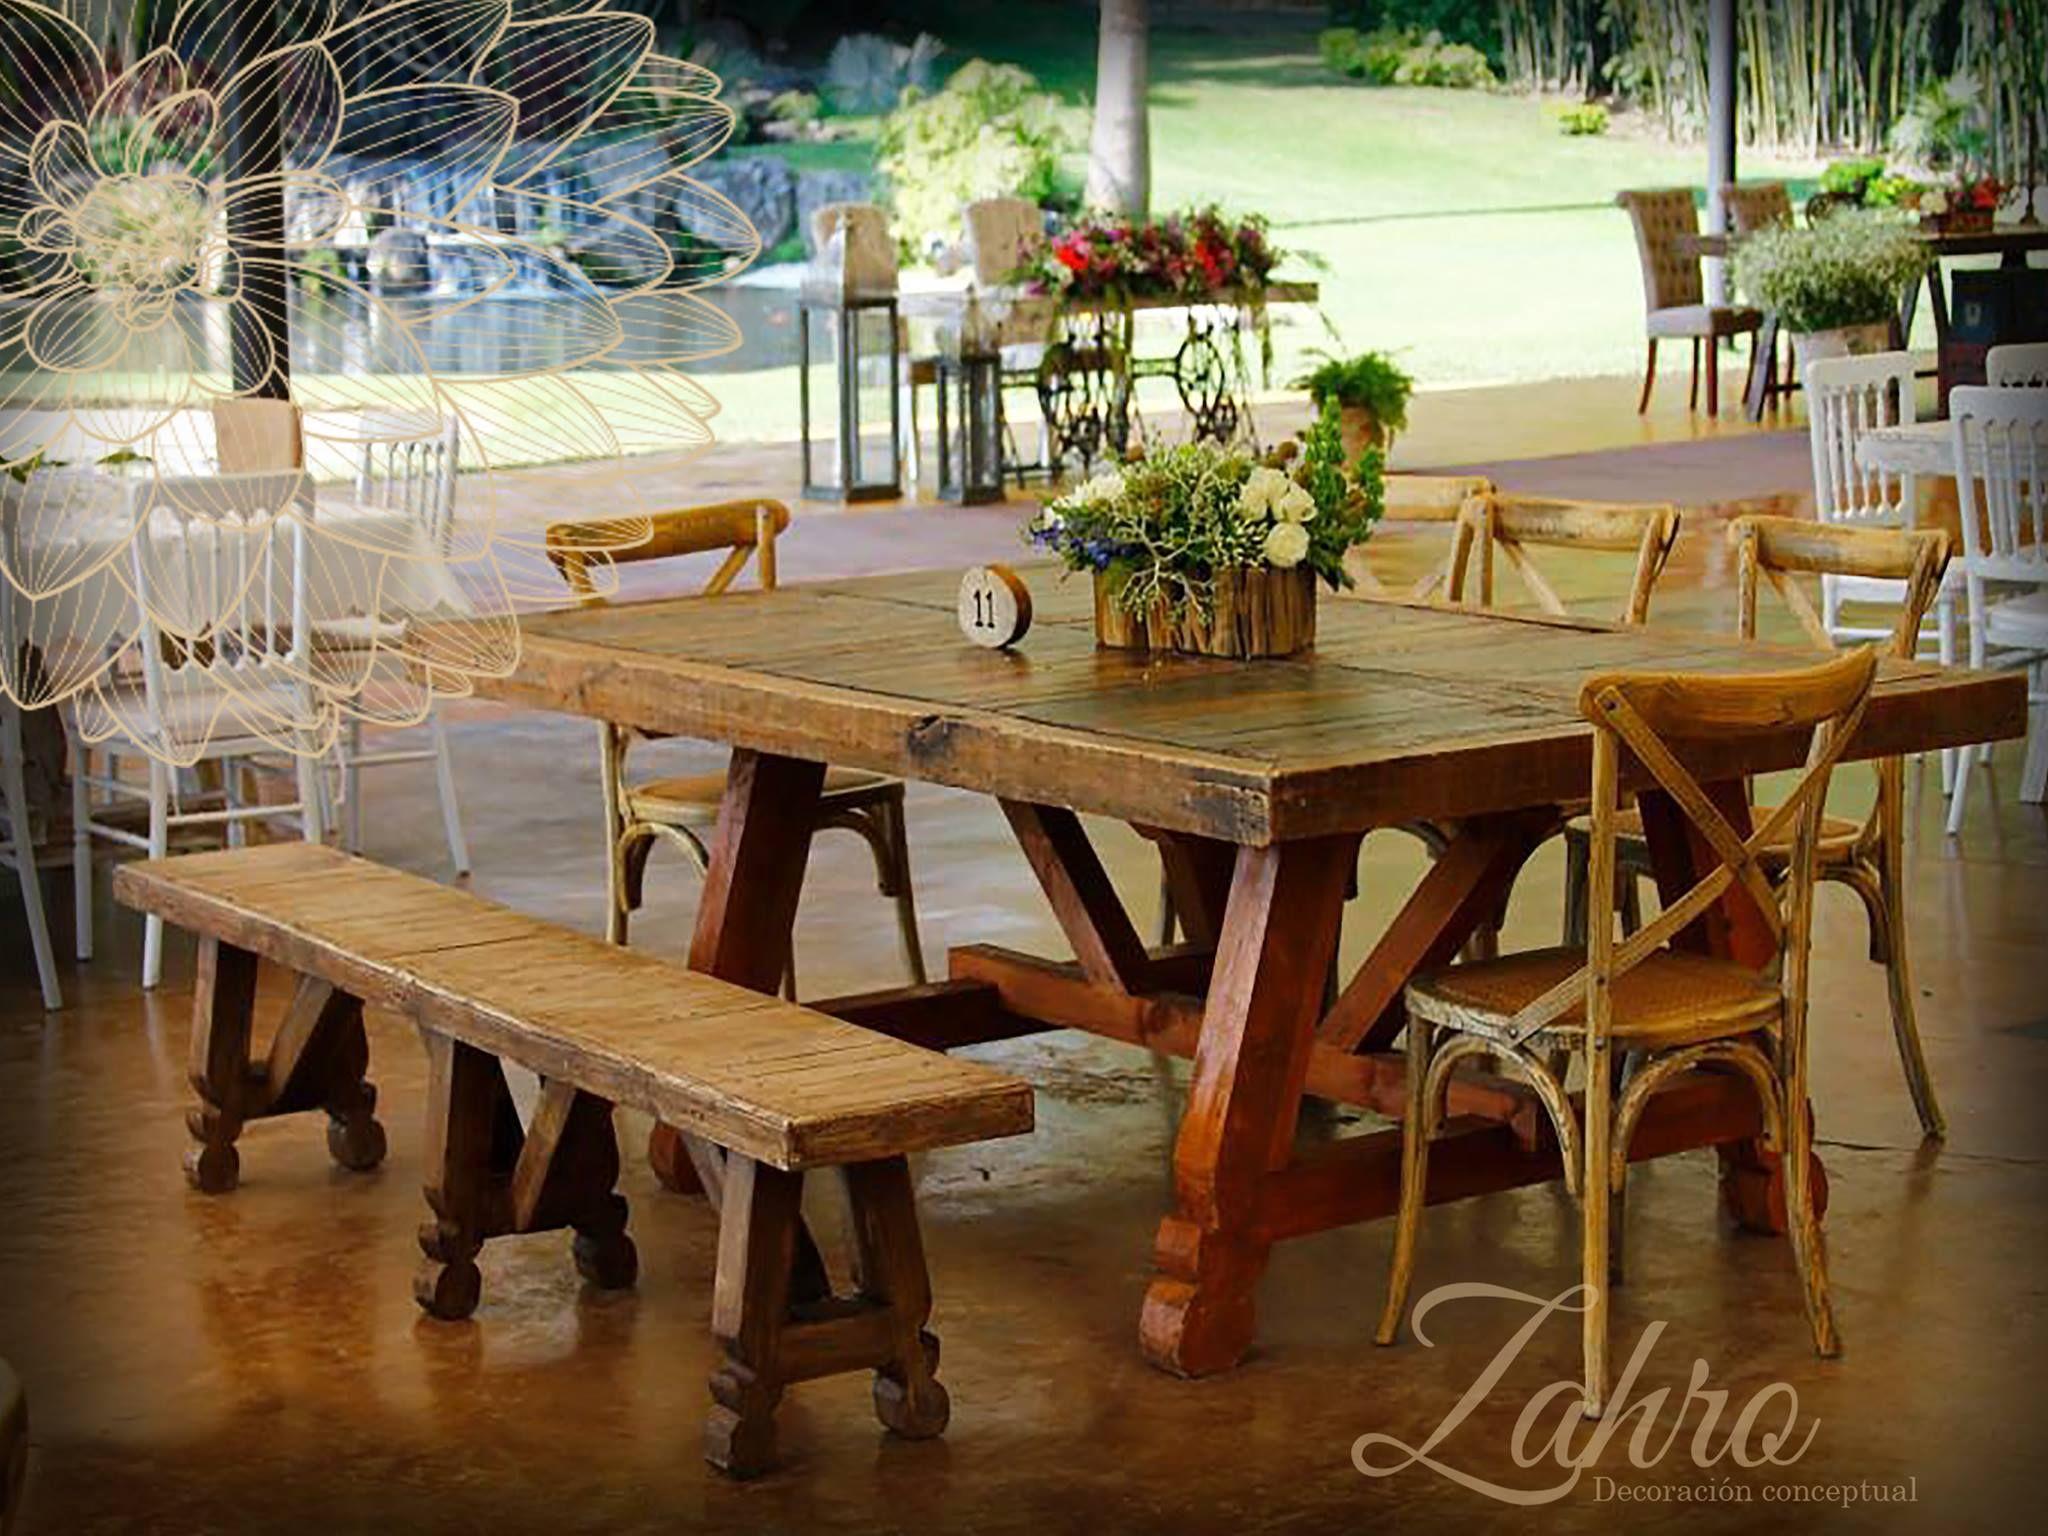 Muebles Vikingos La Serena - Mesa Vikinga Cuadrada Con Sillas Cross Back Jaspeada Y Banca [mjhdah]https://i.pinimg.com/736x/f8/58/f2/f858f2cd1995dc8c172bf1653d1ecafa.jpg